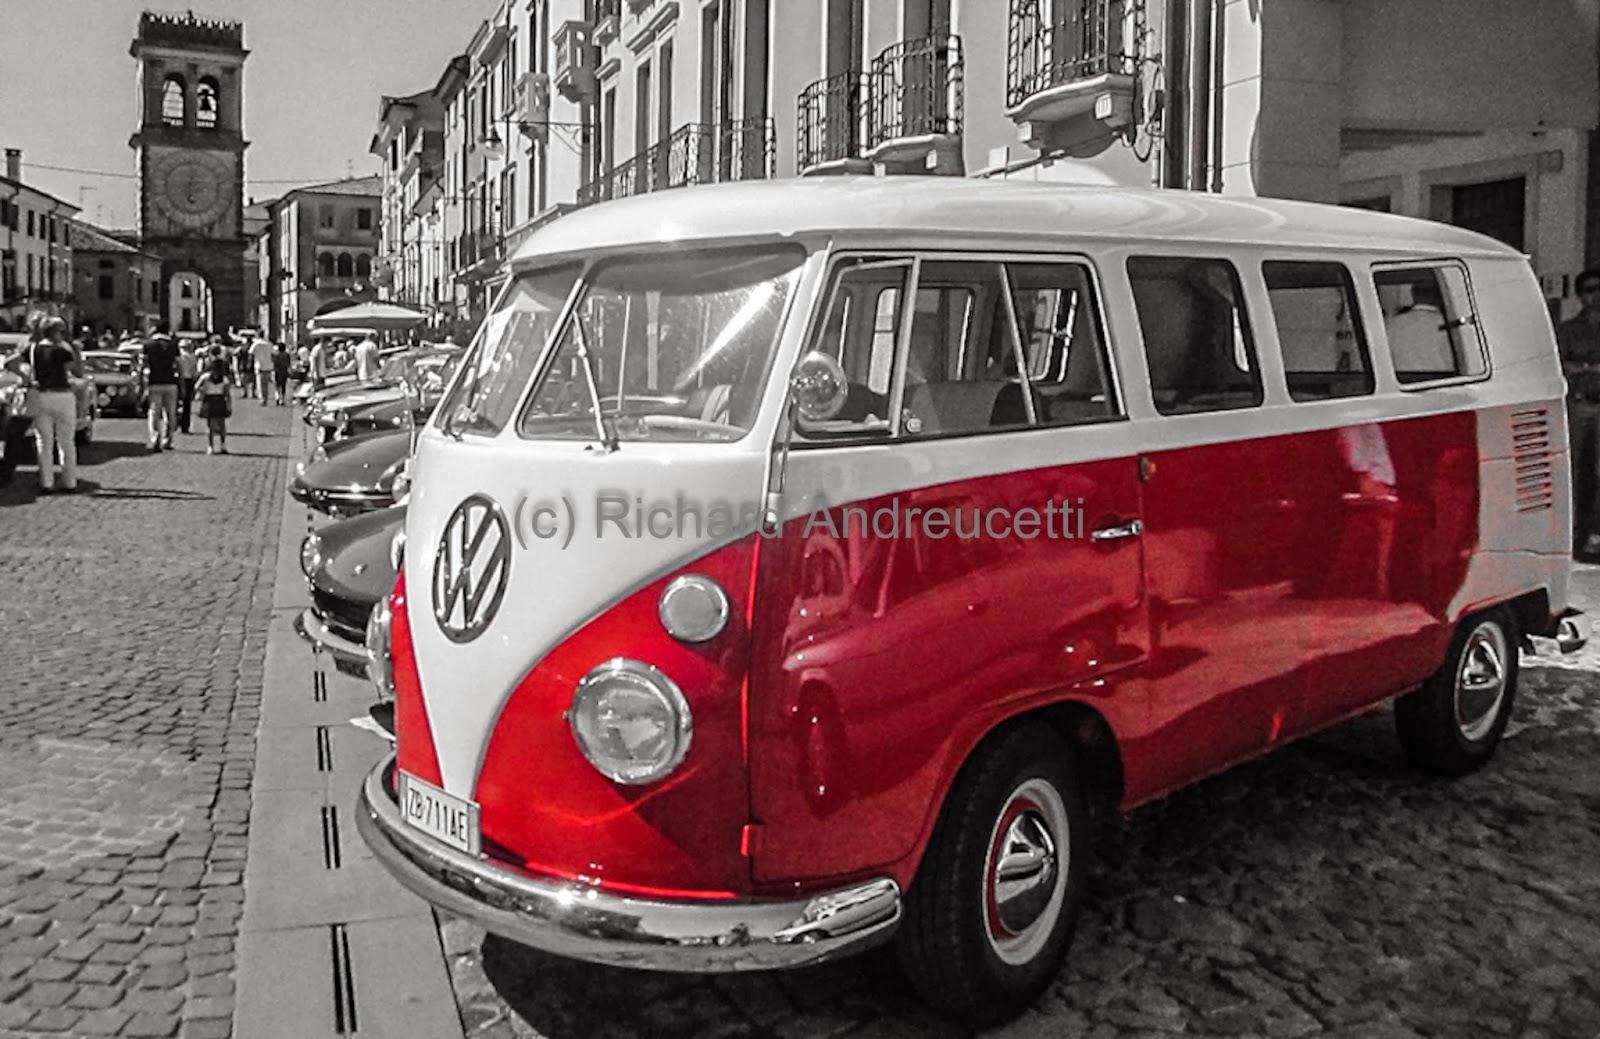 irish photographic art